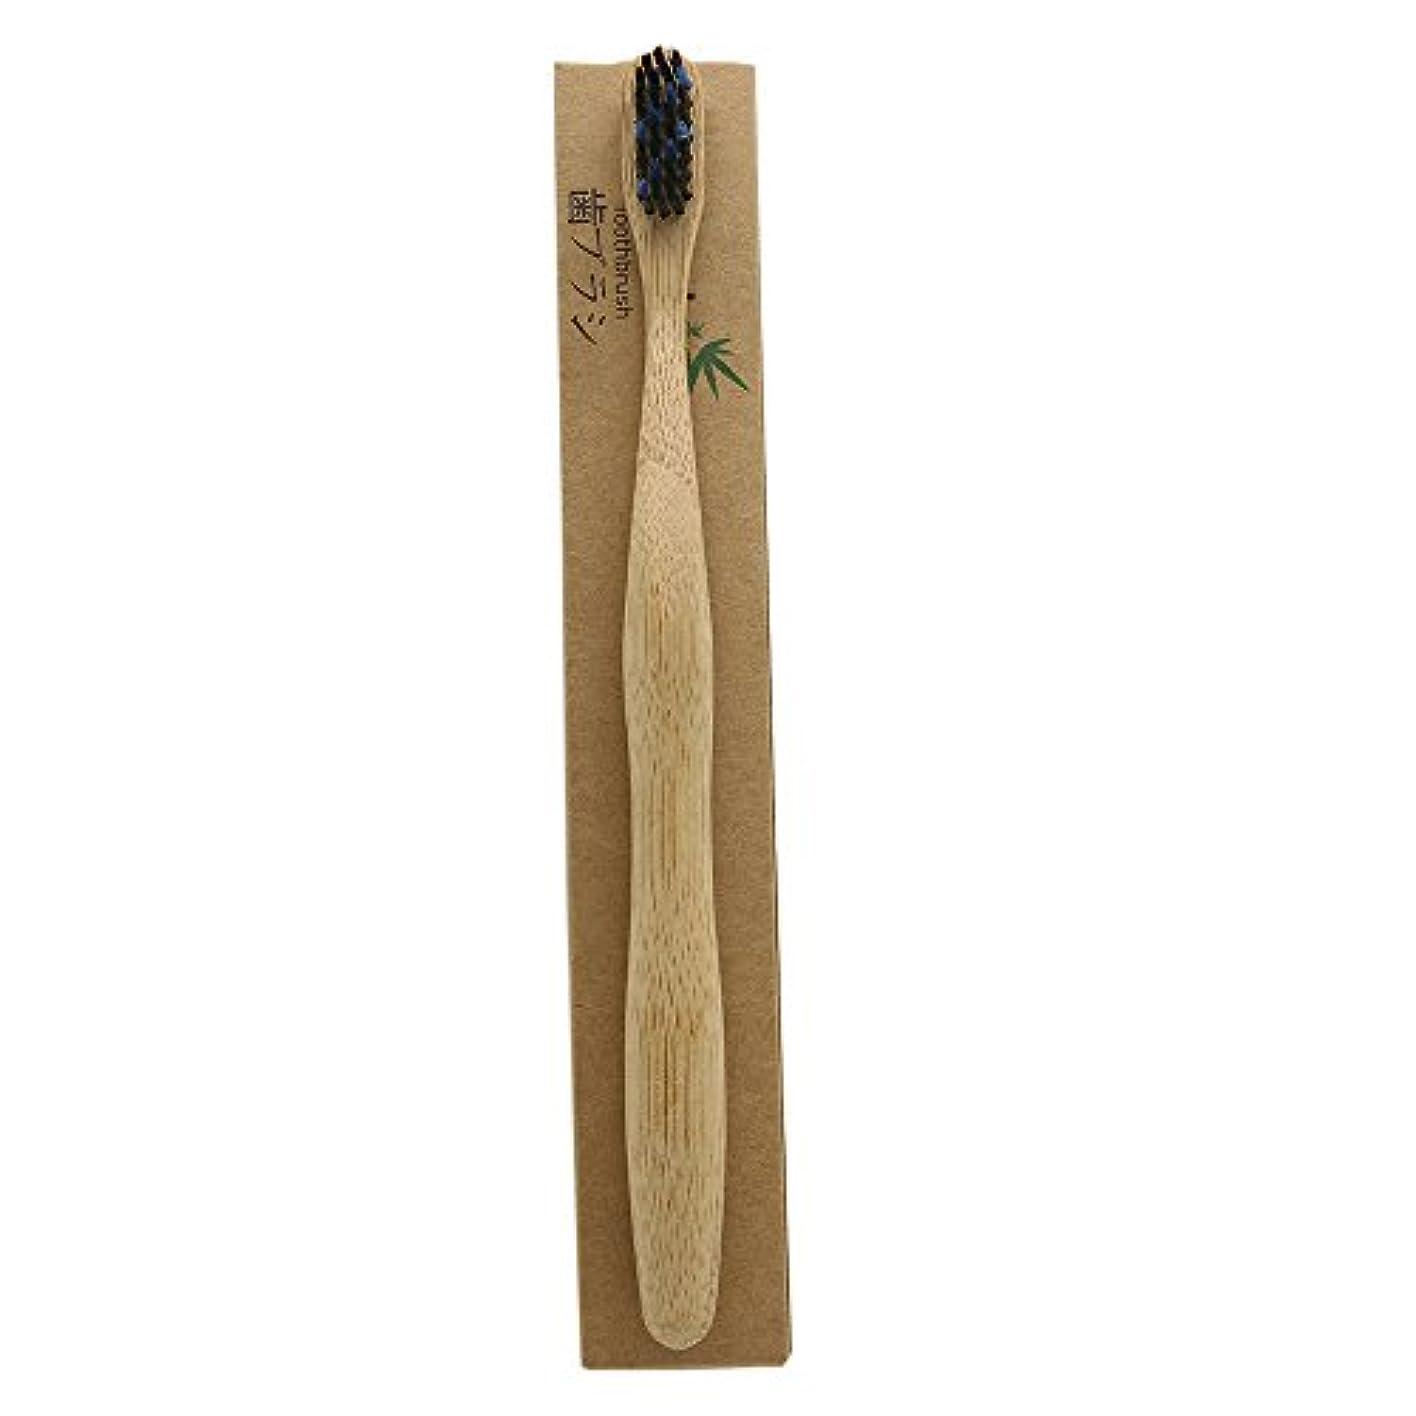 オーケストラ概して現実的N-amboo 竹製耐久度高い 歯ブラシ 黒いと青い 1本